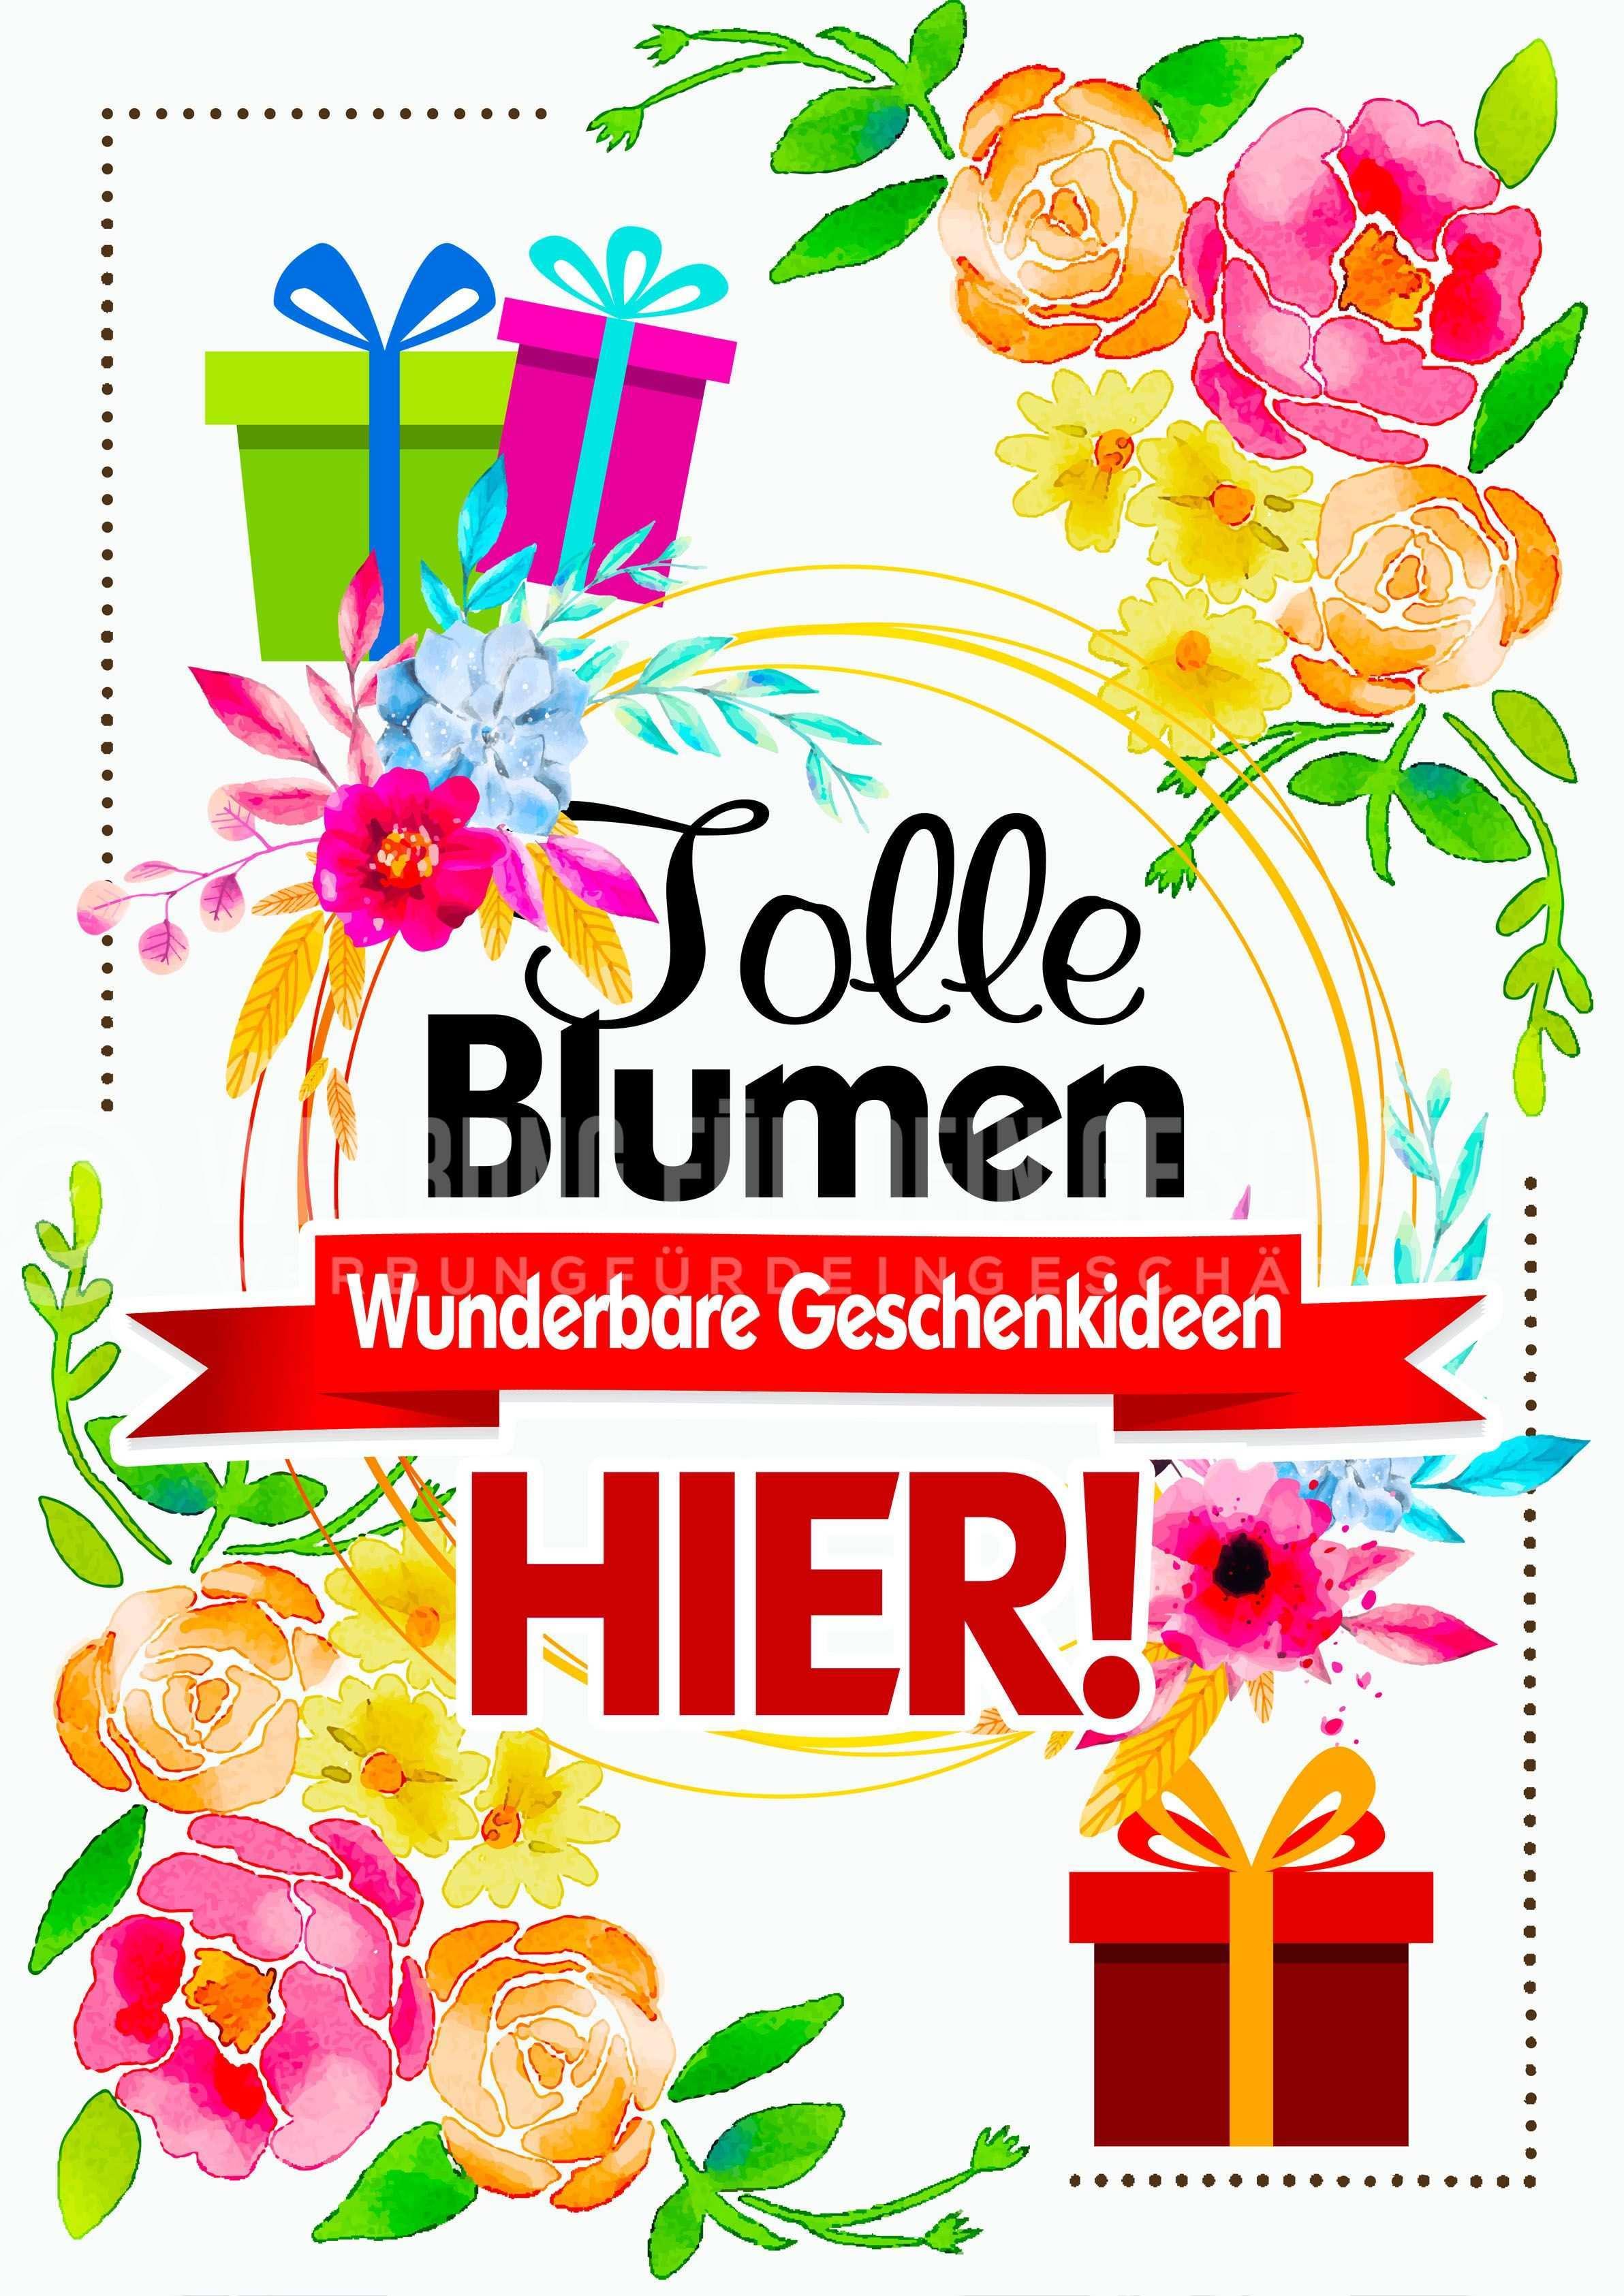 Dieses Poster Tolle Blumen Kann Fur Eure Werbung Eingesetzt Werden Als Werbeposter Ist Es Ideal Fur Die Verwendung Fur Blumengeschenke Blumen Geschenk Blumen